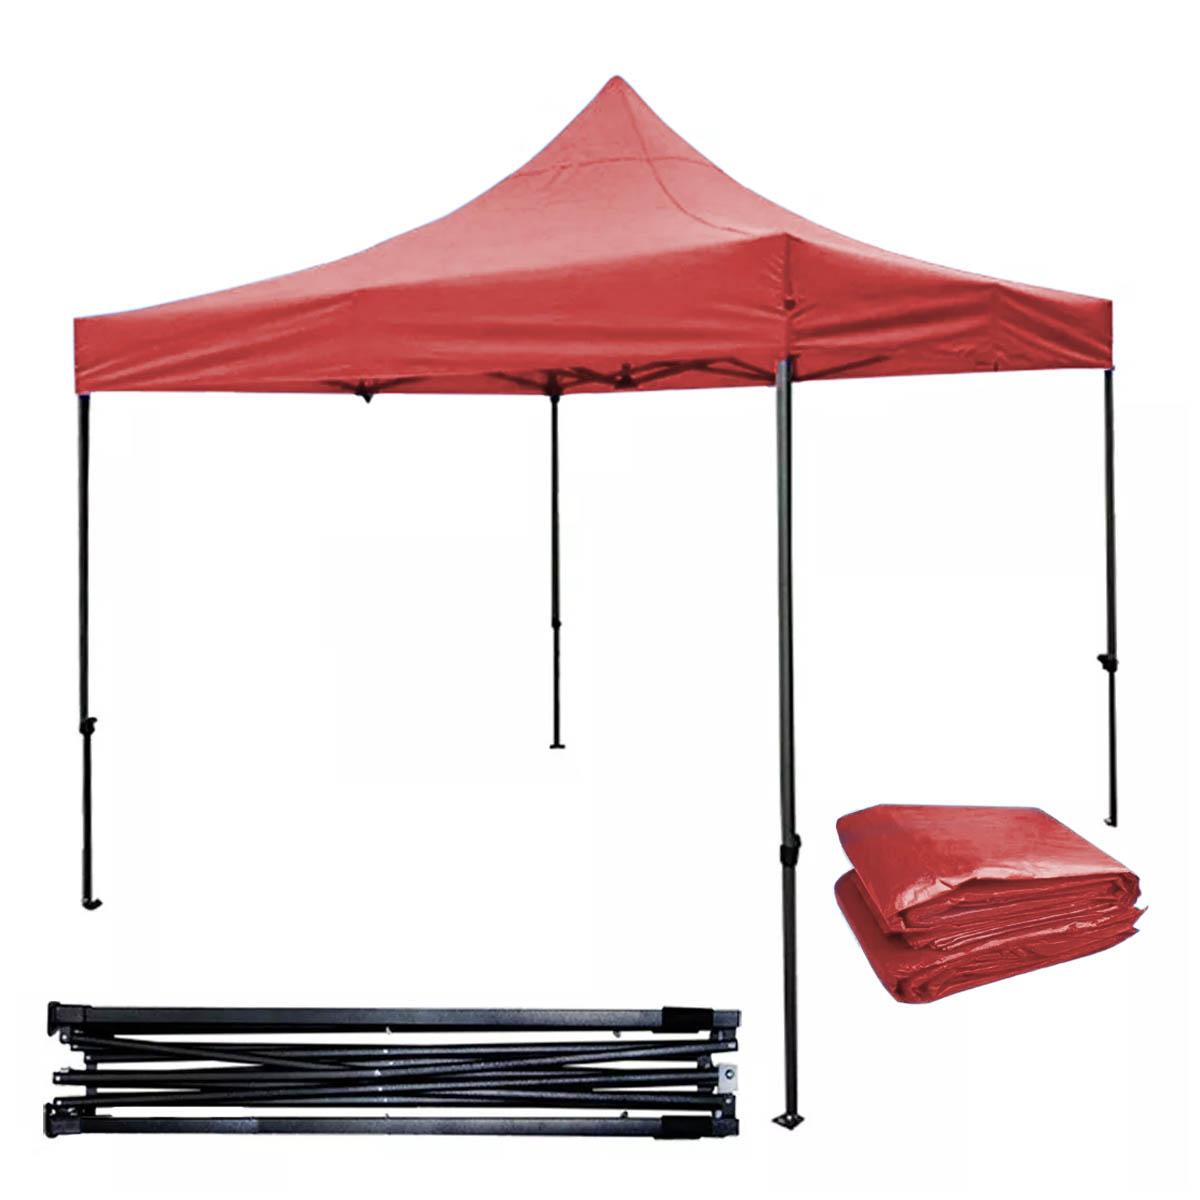 Toldo Carpa Impermeable Plegable De Acero 3X3M Rojo Kingsman